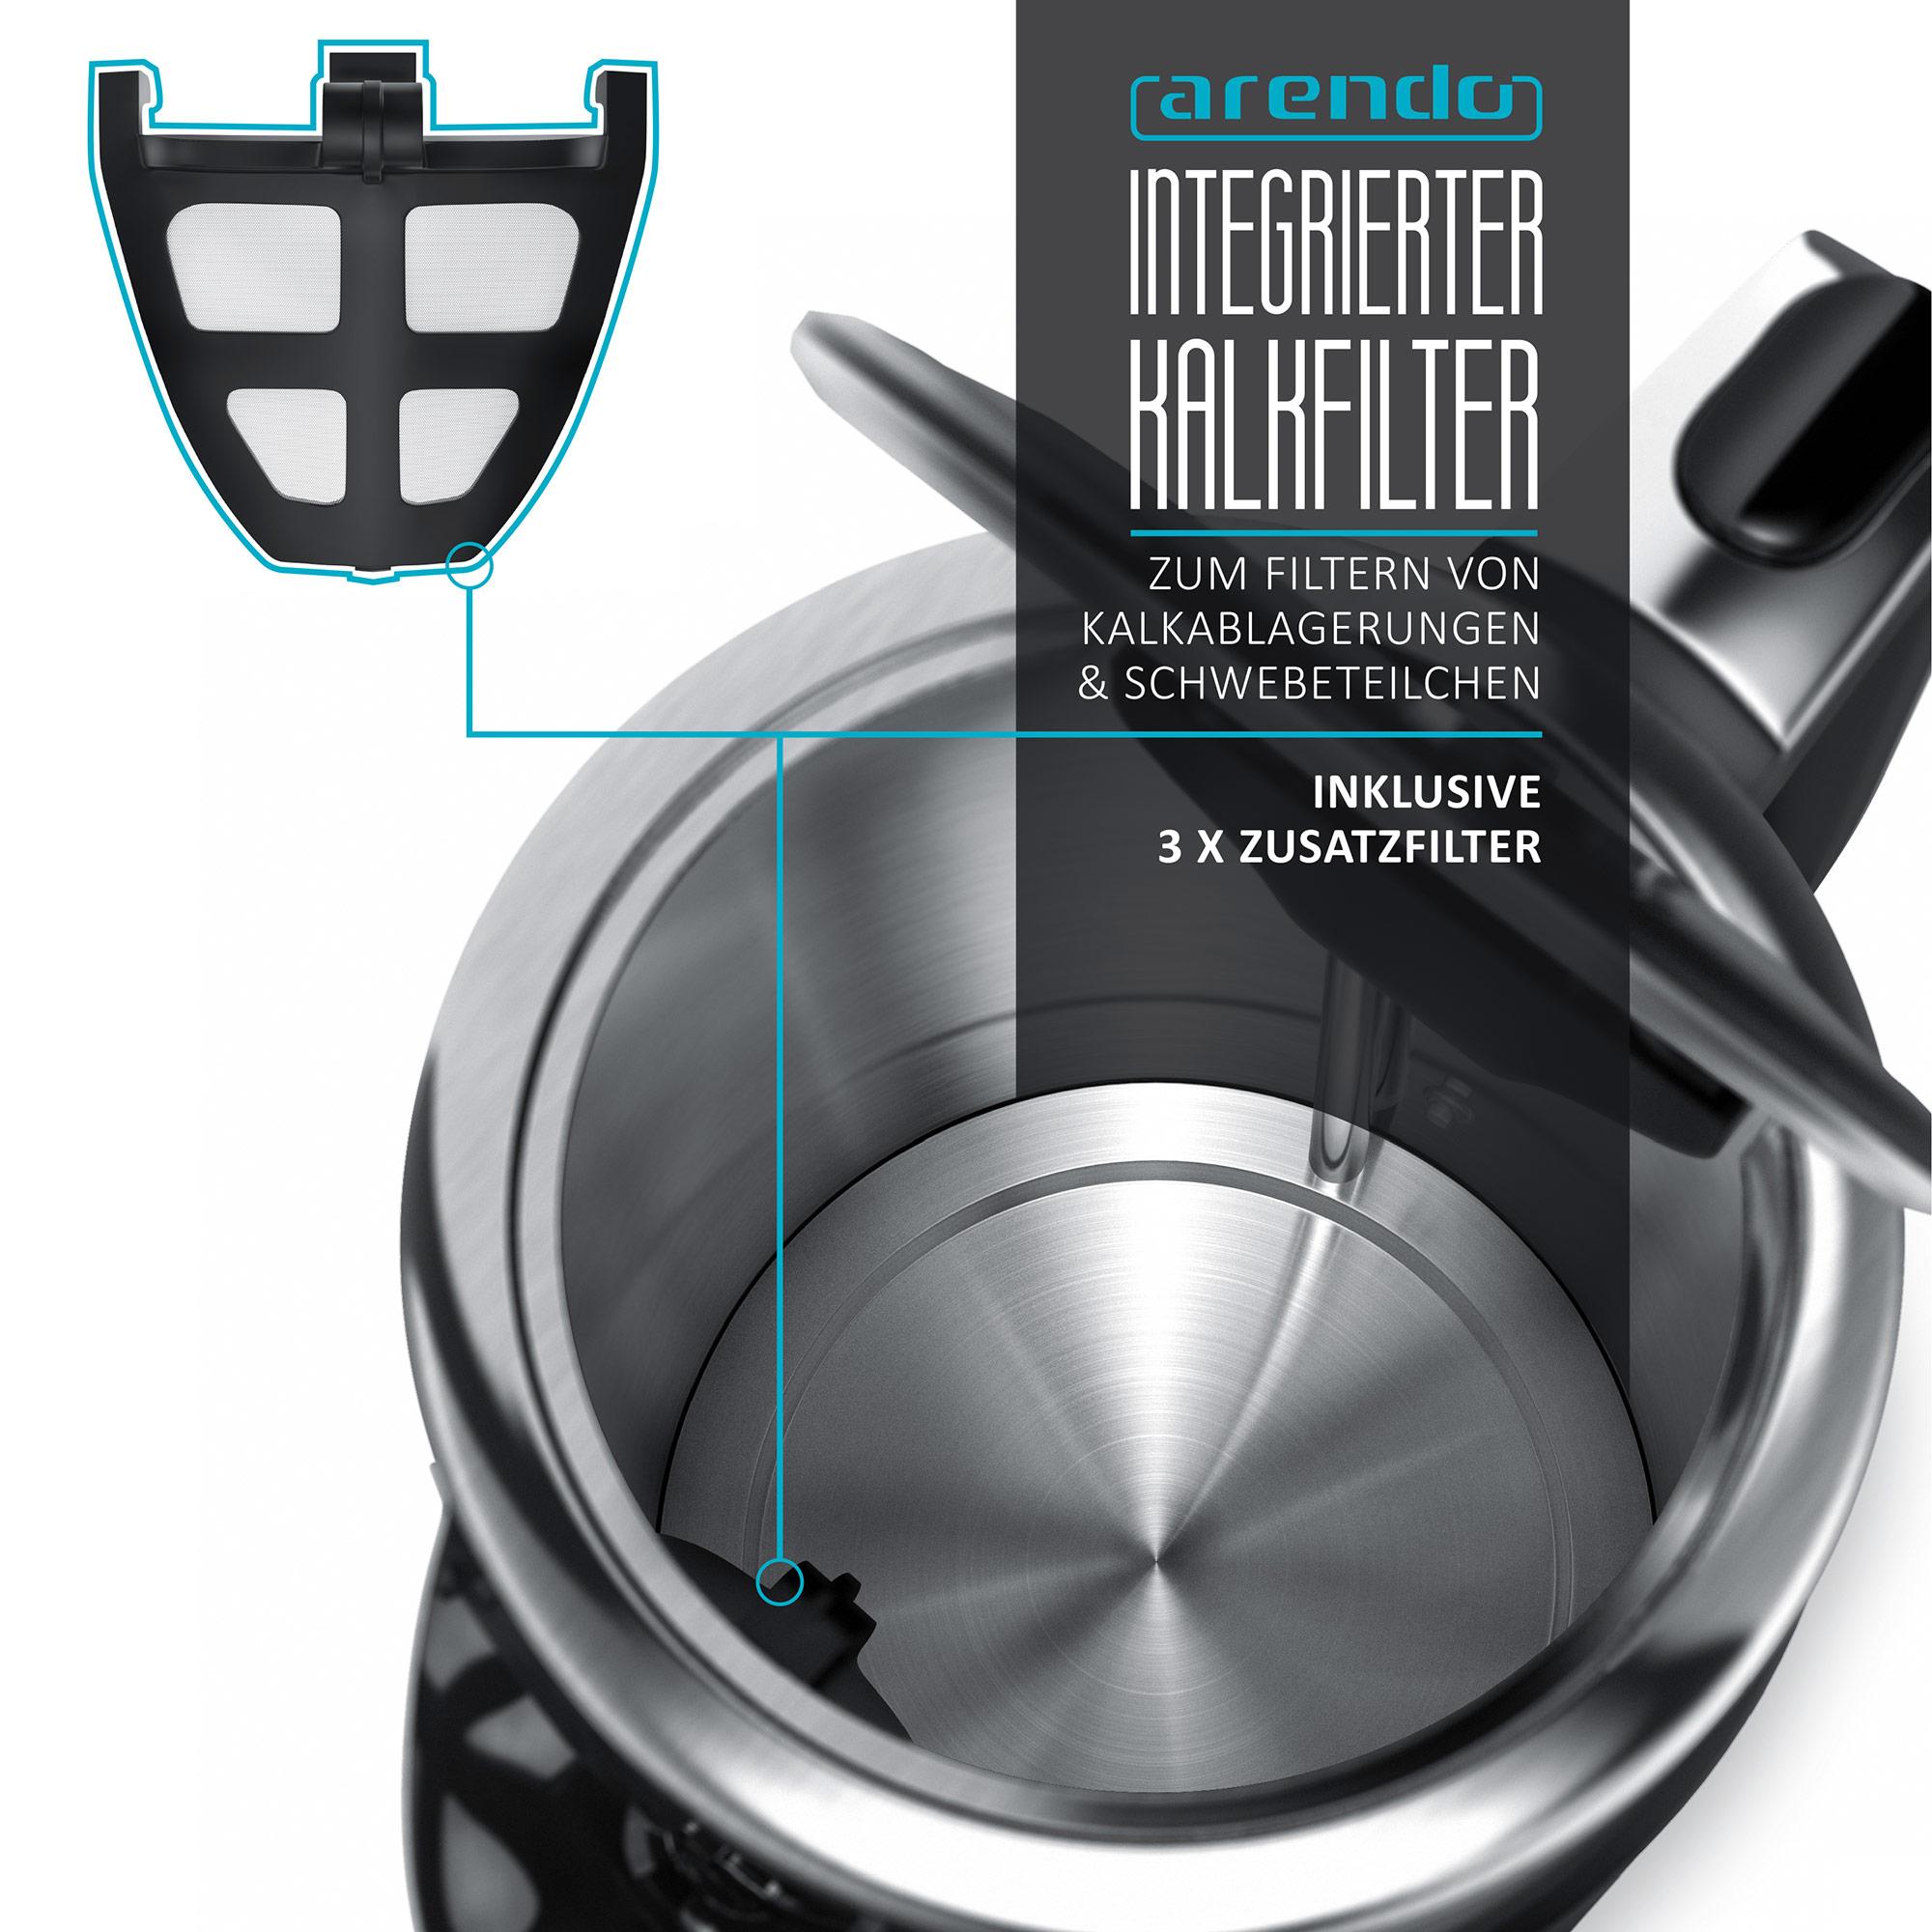 302550-Wasserkocher-Edelstahl-offen_filter.jpg